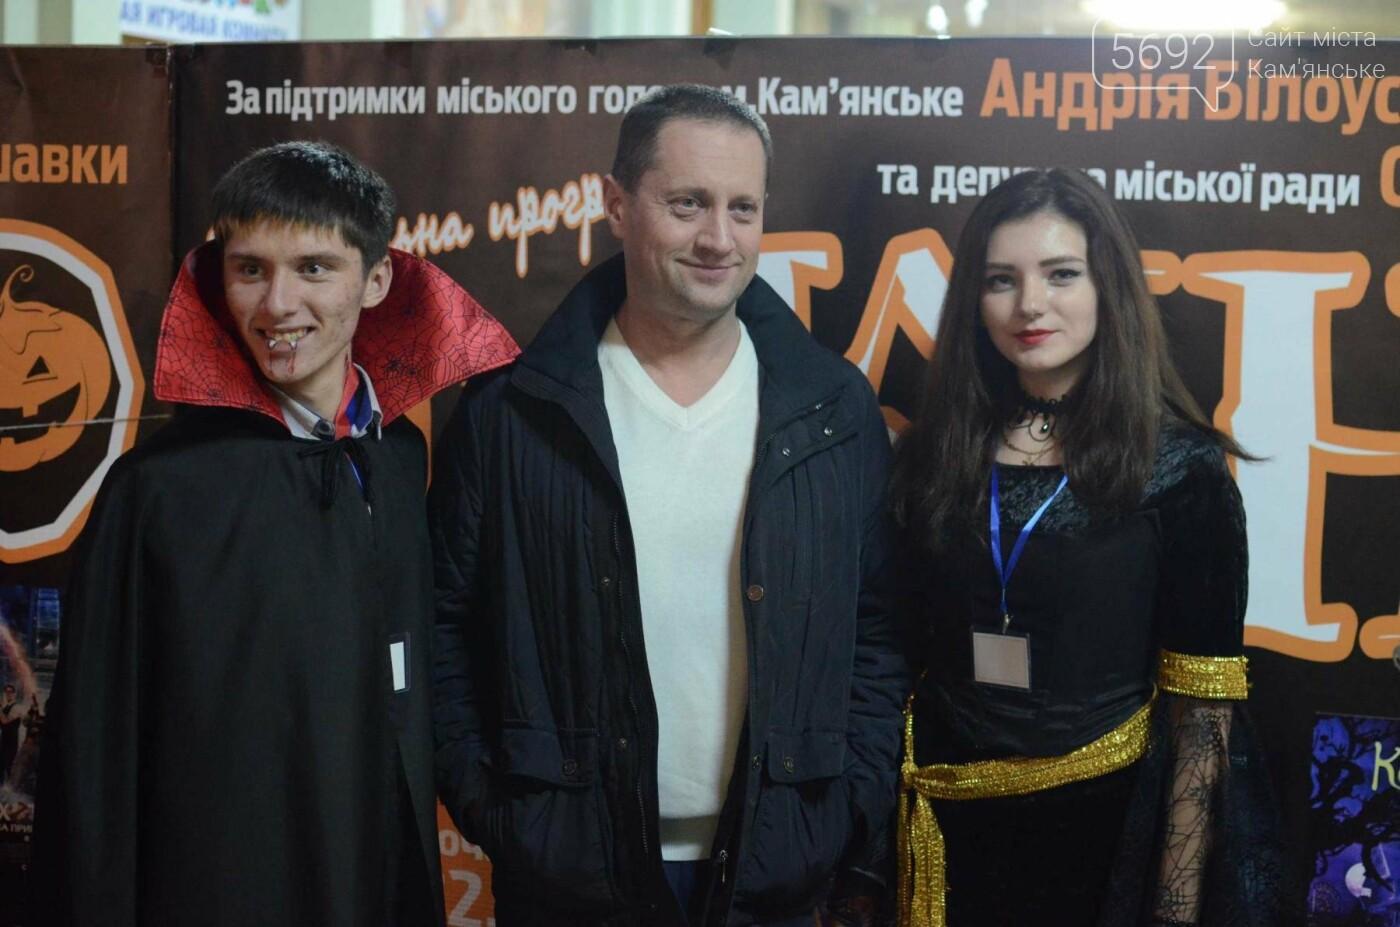 Ночь кино в Каменском посвятили Хэллоуину, фото-2